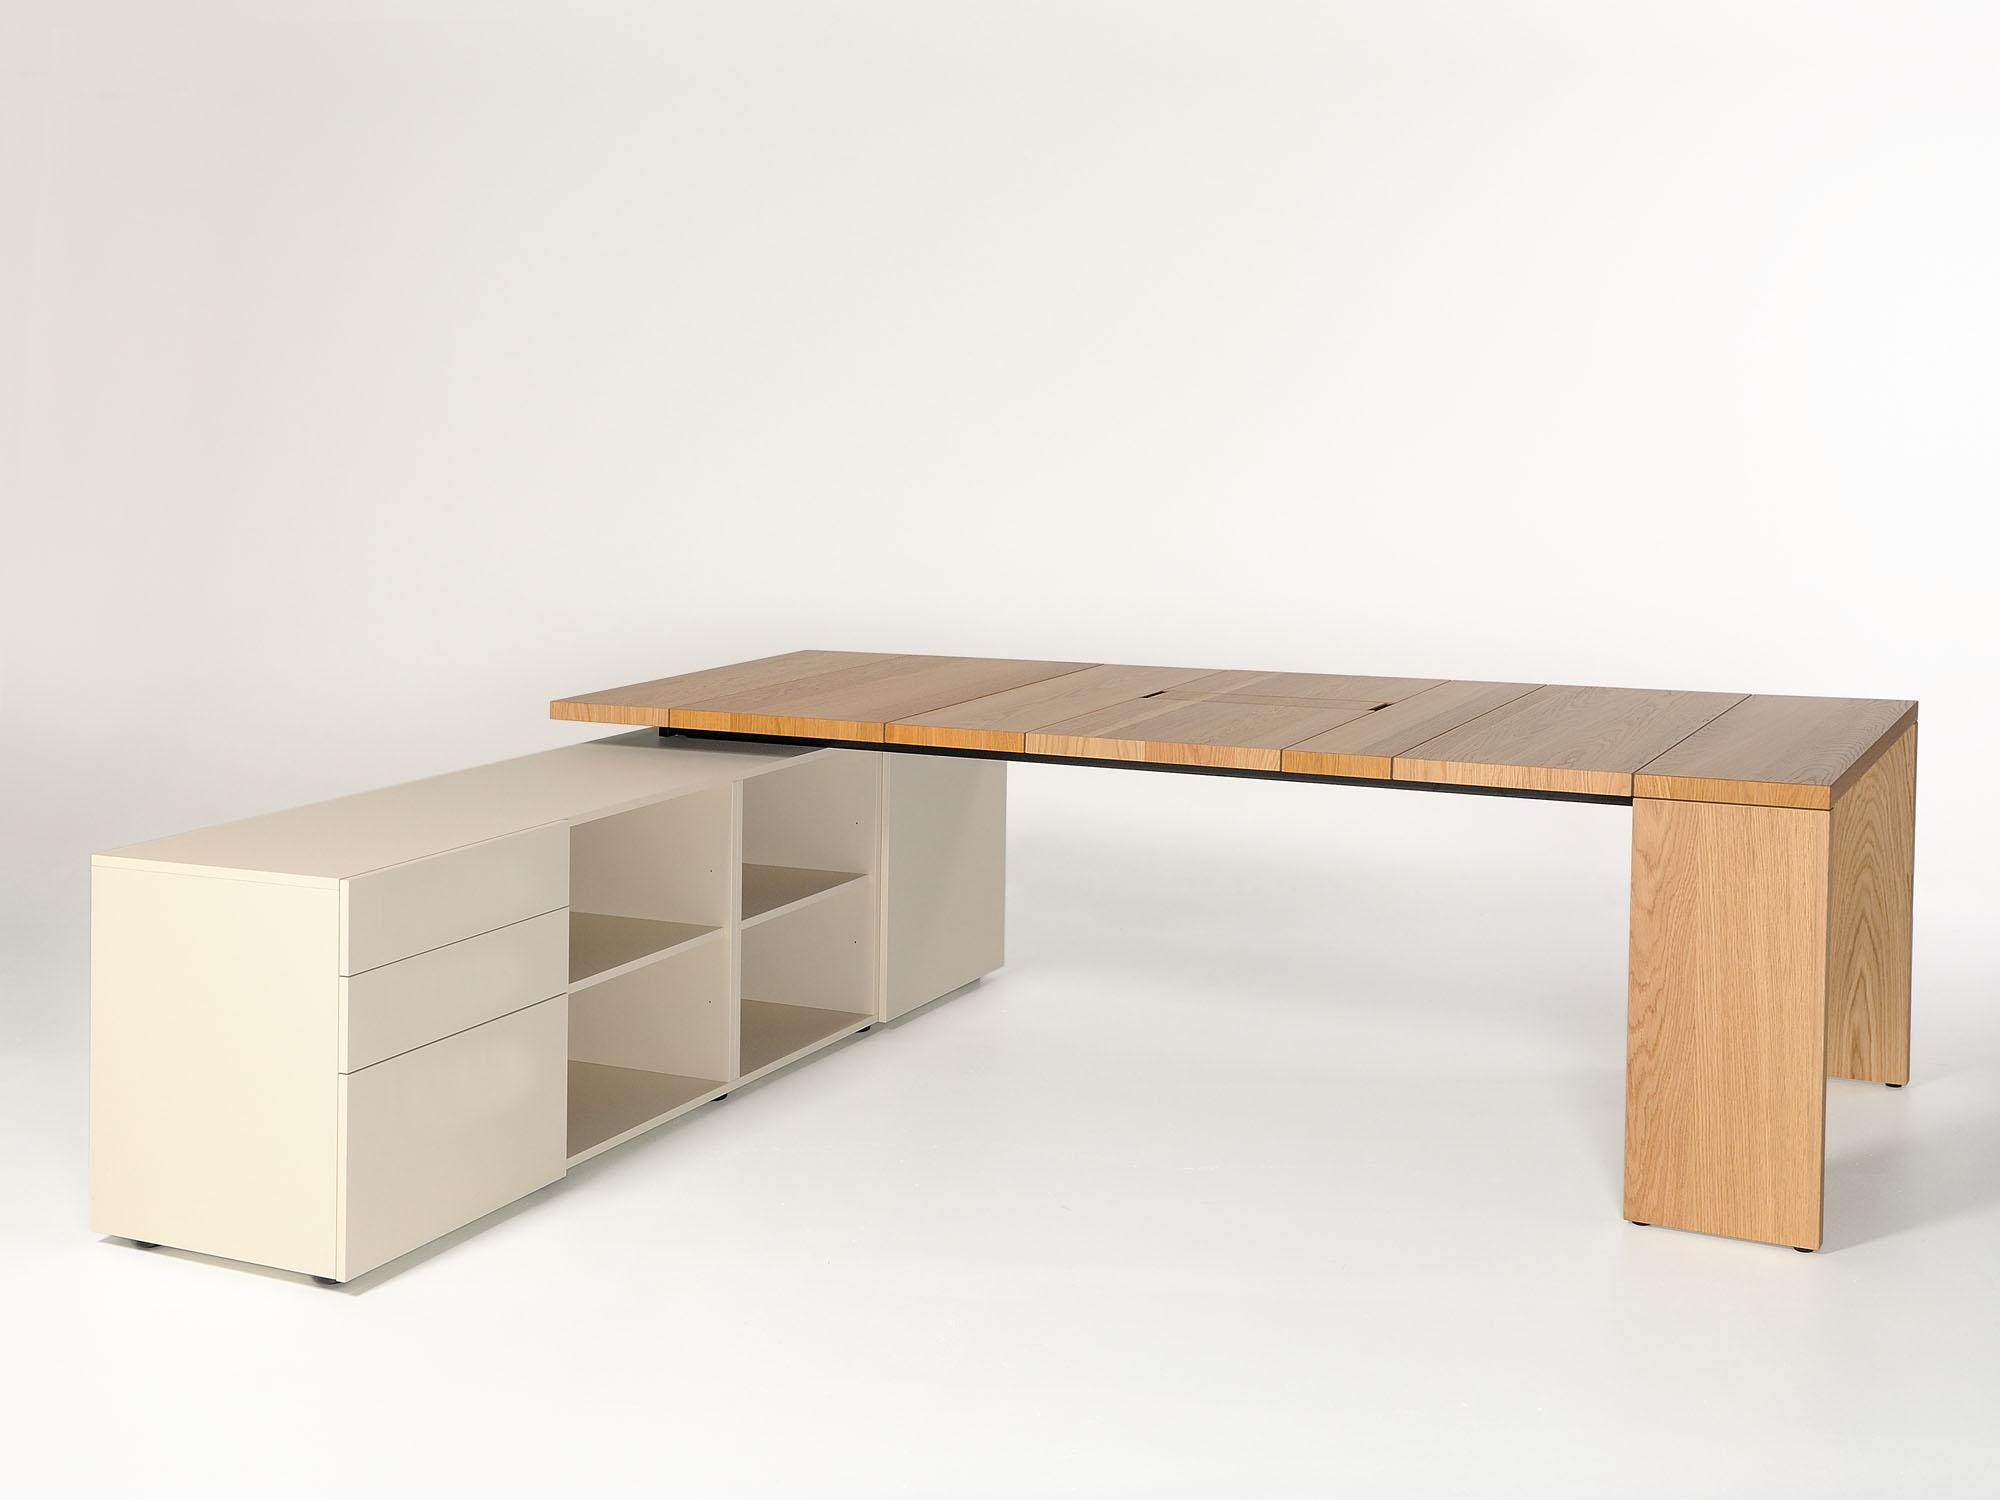 LV met sideboard, ontwerp door Marieke Castelijn